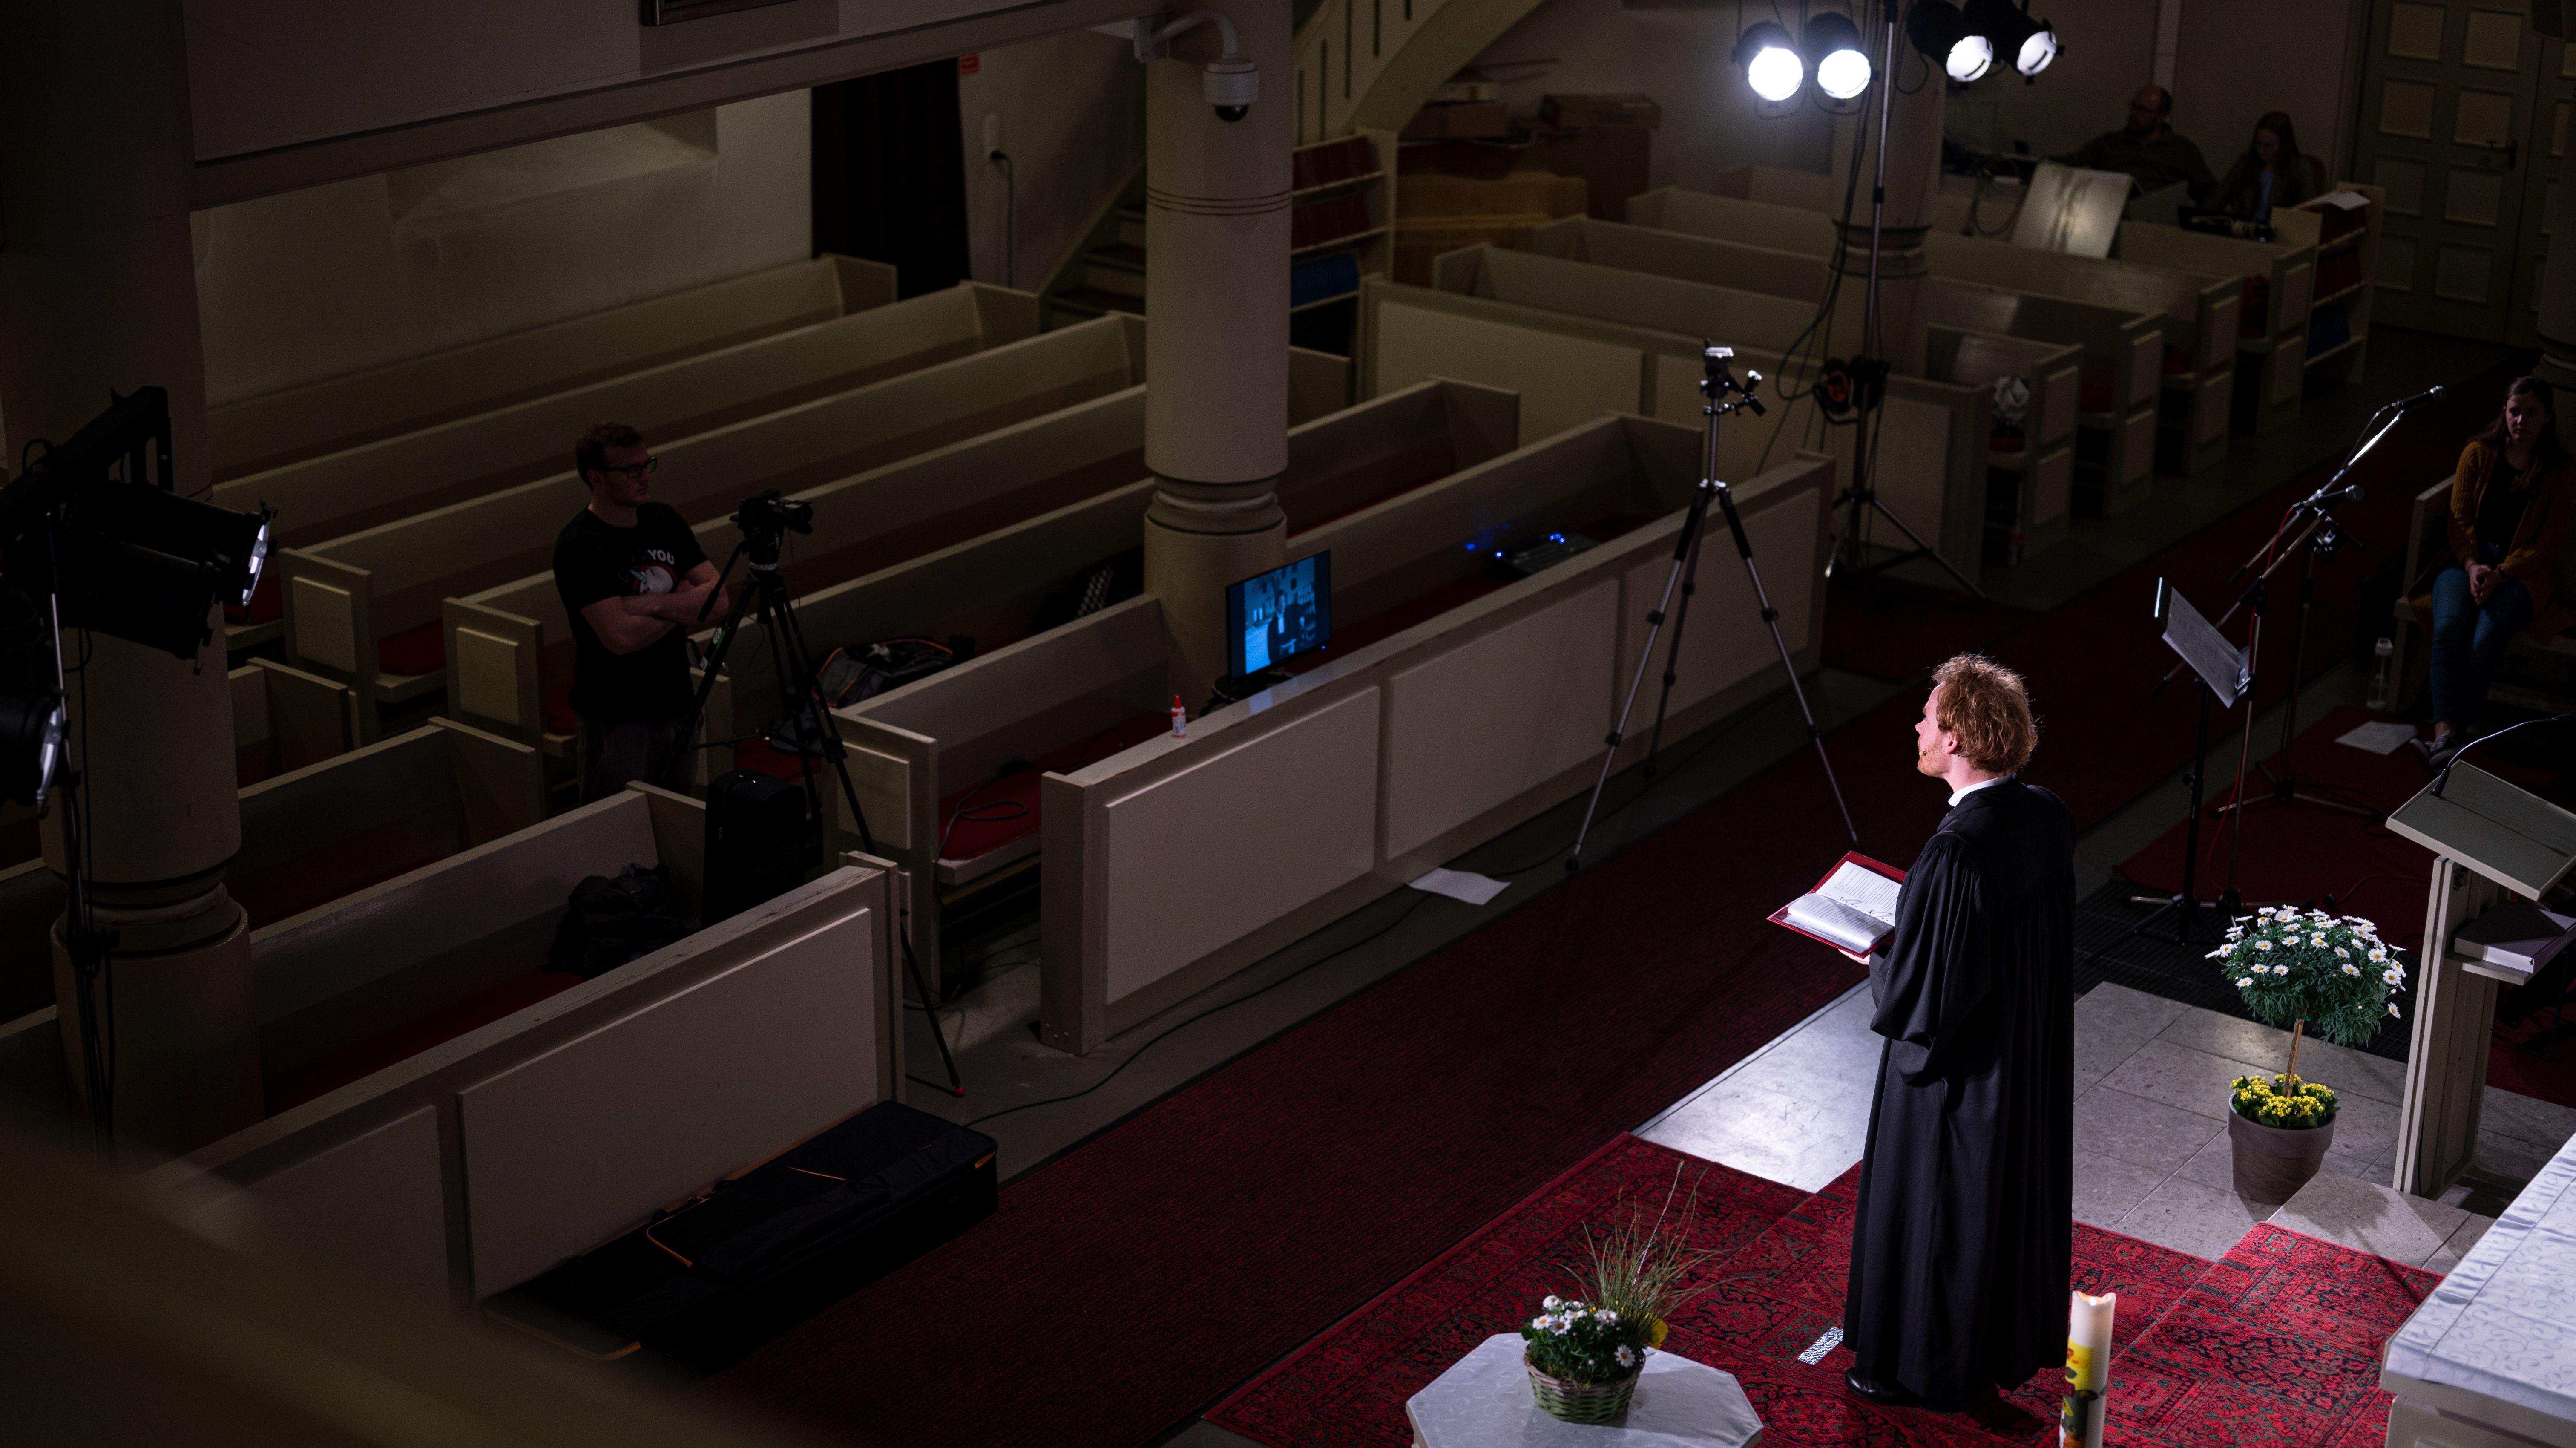 Pfarrer hält einen Gottesdienst vor einer Kamera in einer leeren Kirche.